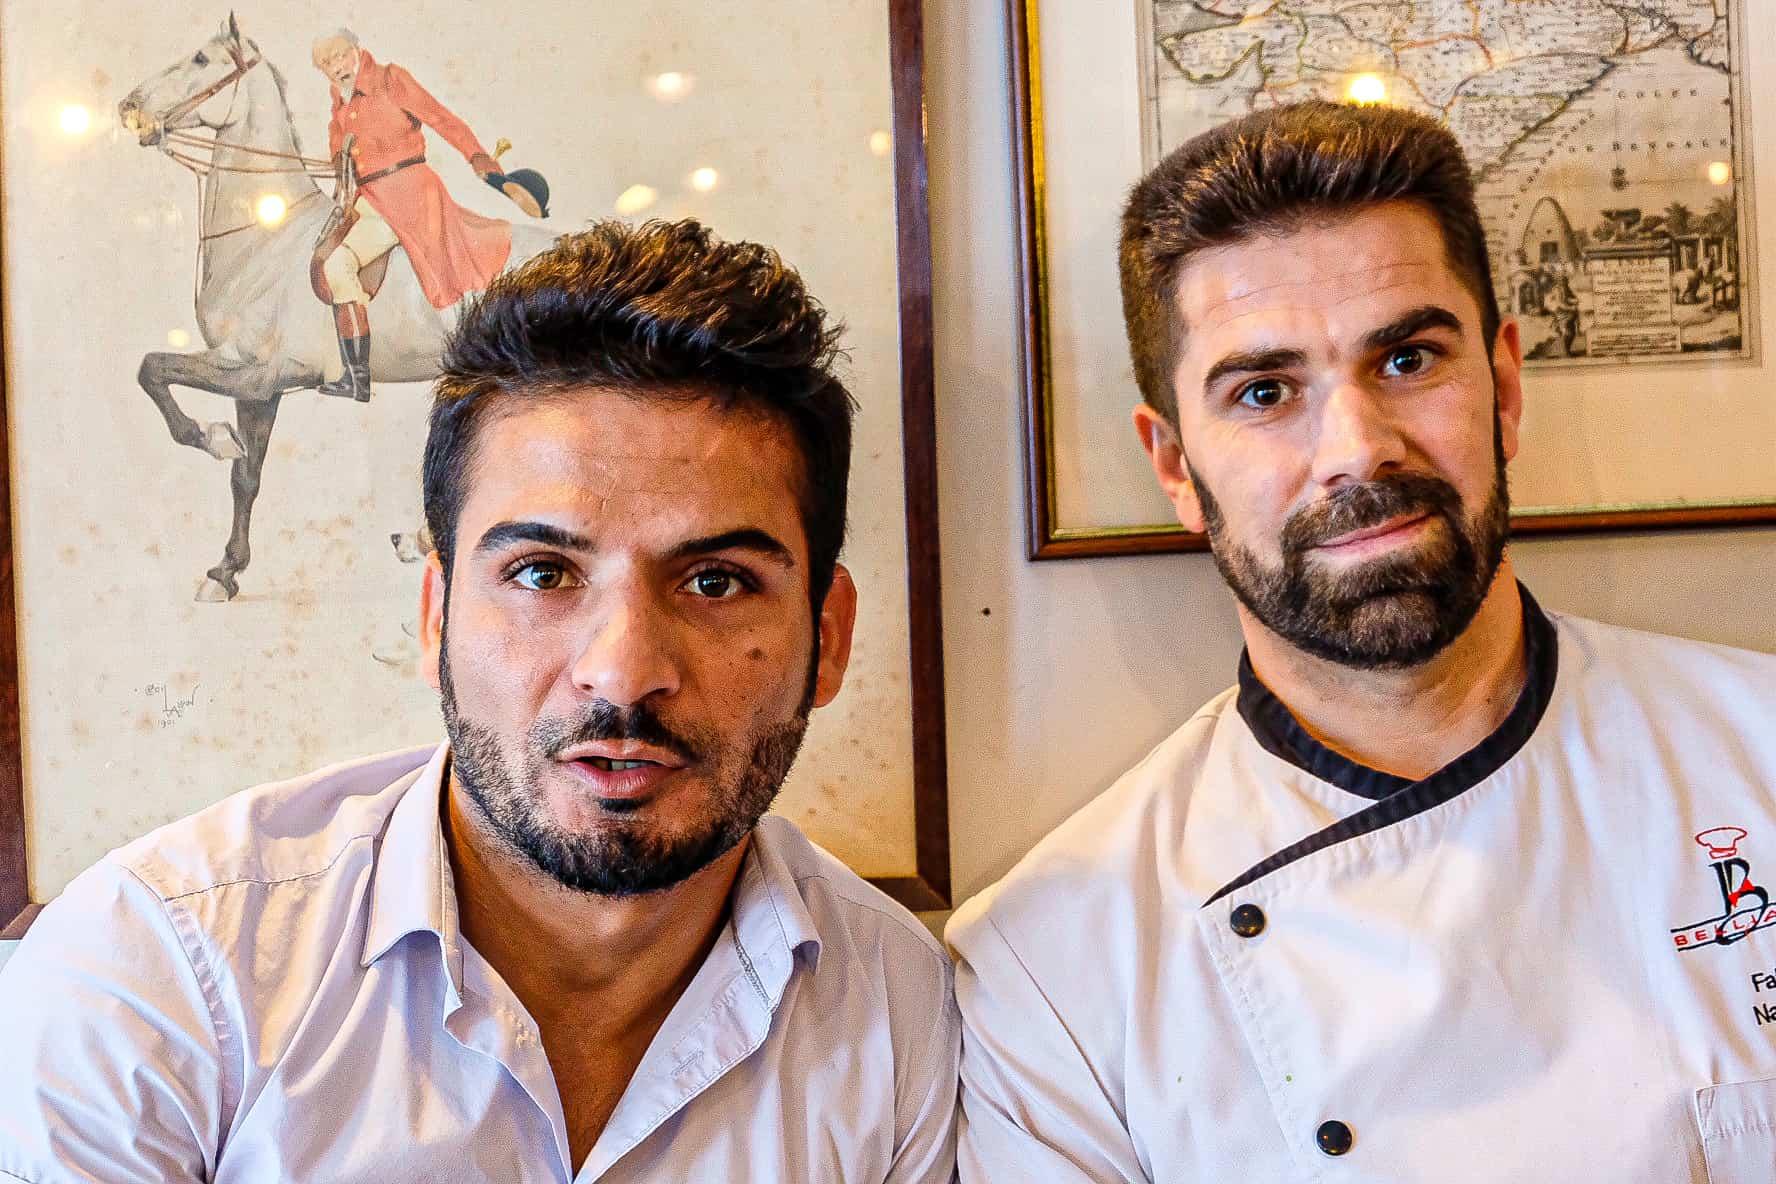 cavalier-paris-restaurant-afghan-rue-faubourg-temple-paris11e-paris